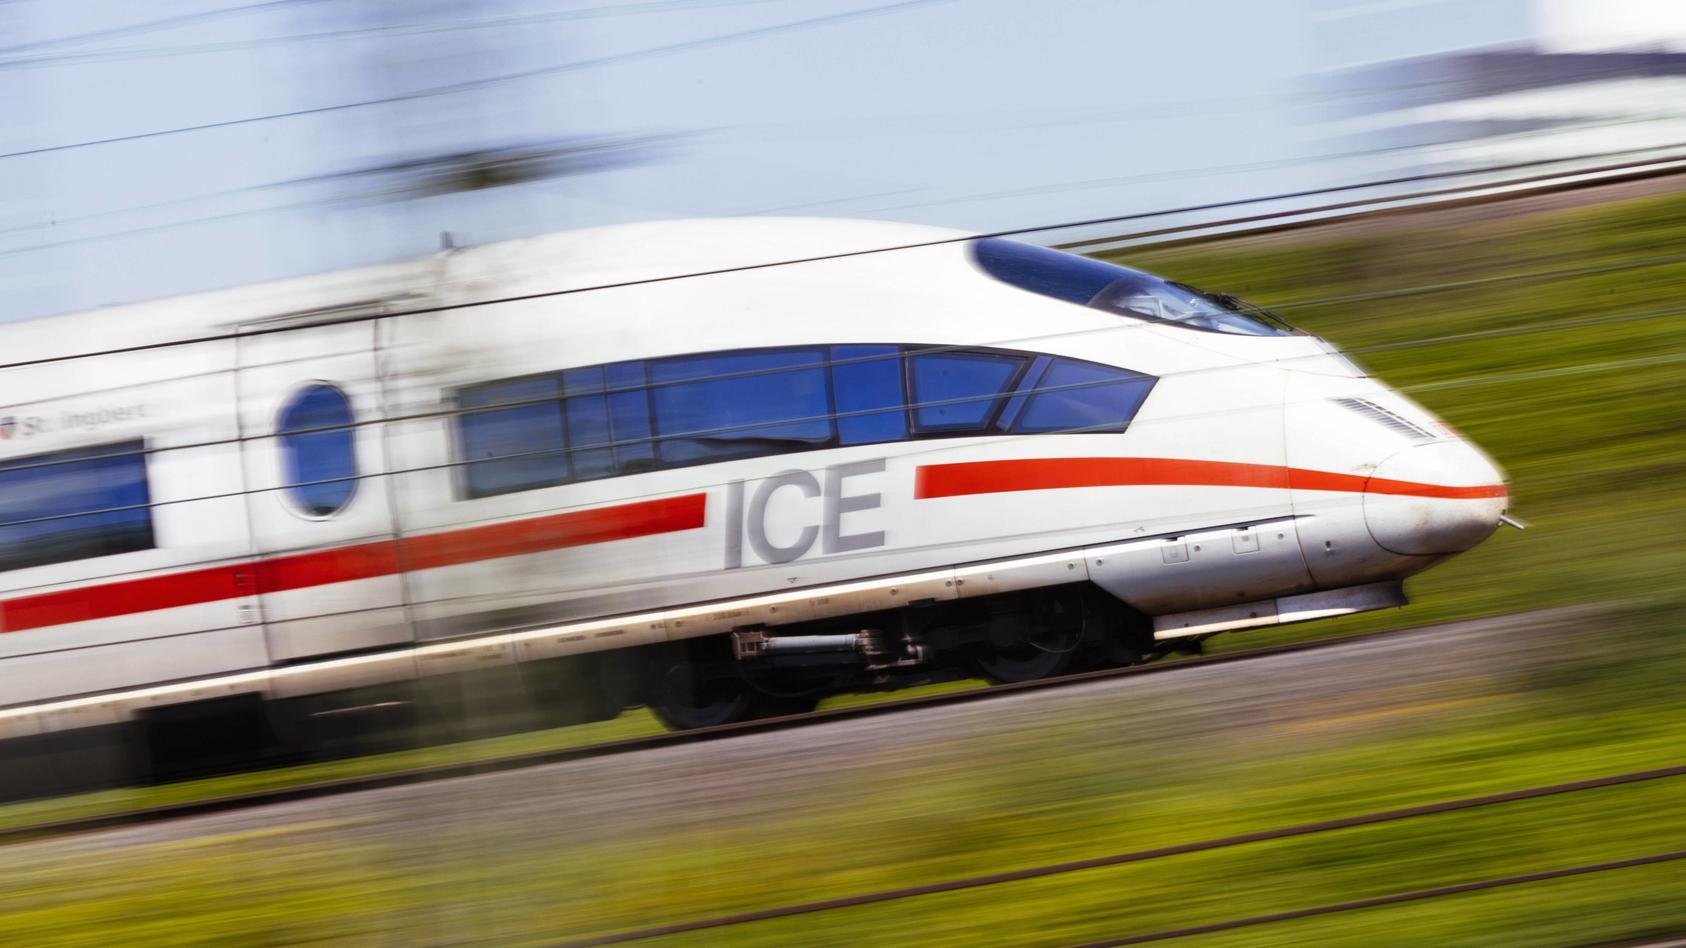 Ein ICE der Deutschen Bahn auf den Schienen am Bahnhof Köln Deutz. Köln, 04.05.2018 *** A ICE of the German course on t